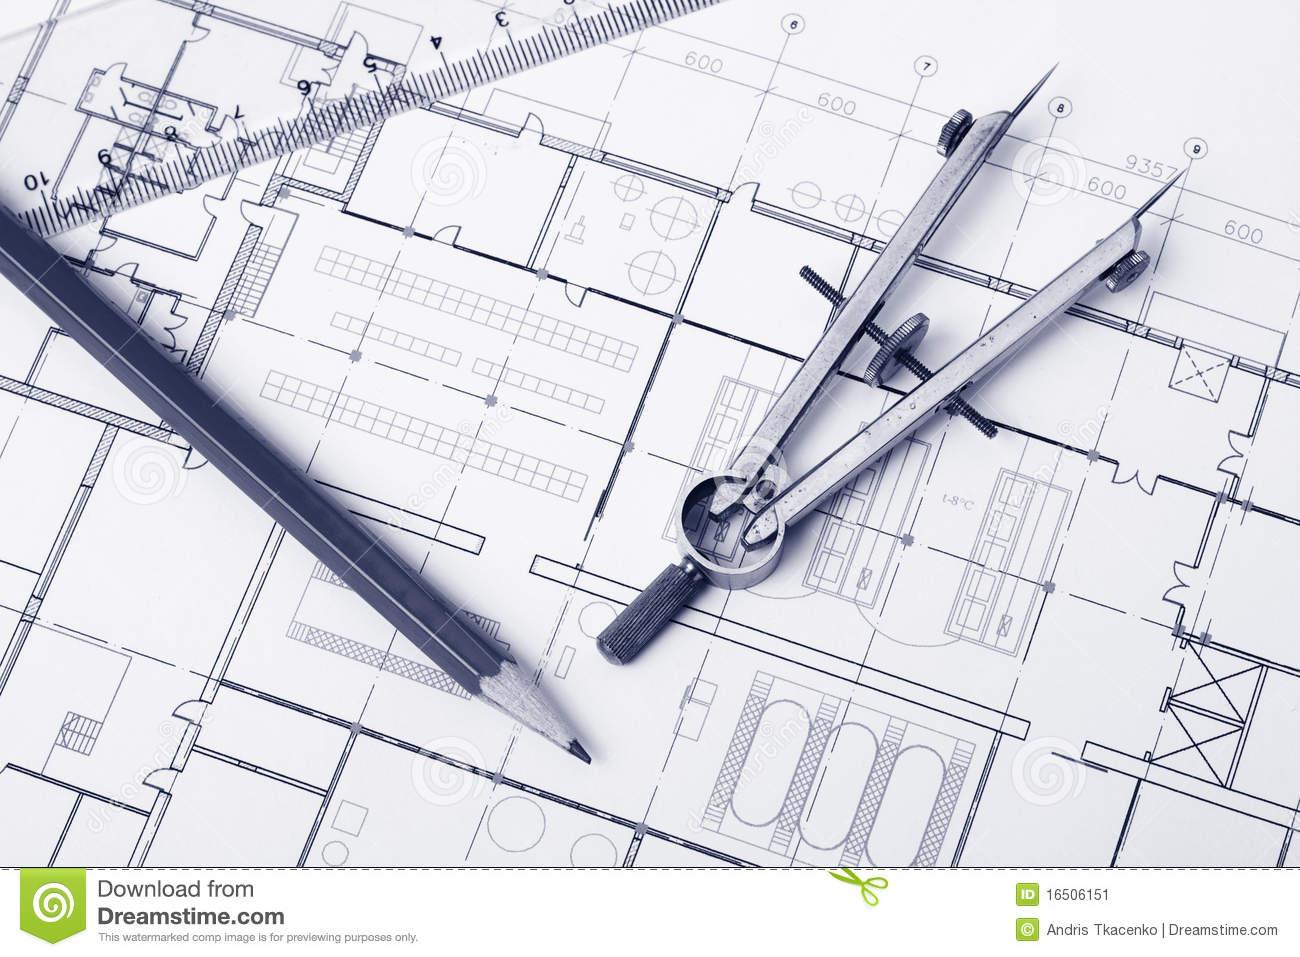 Blueprint Background Stock Image   Image  16506151